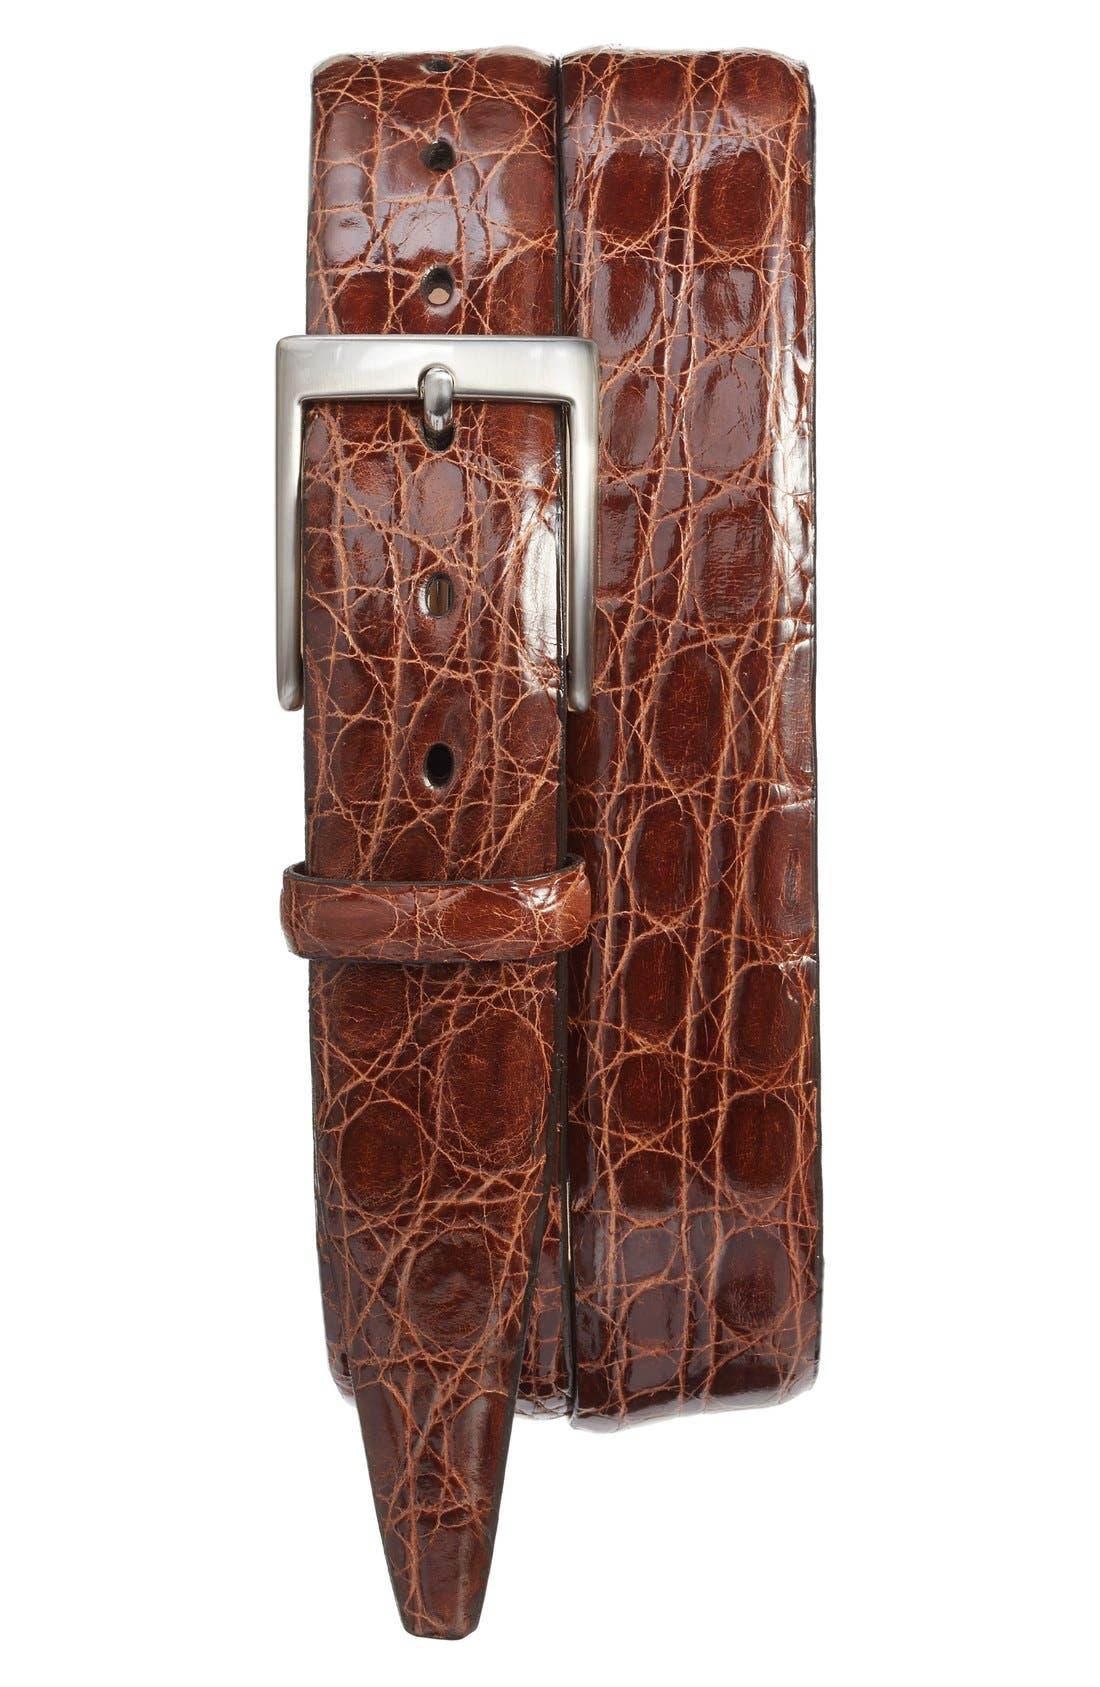 Caiman Alligator Leather Belt,                             Main thumbnail 1, color,                             Cognac Brown